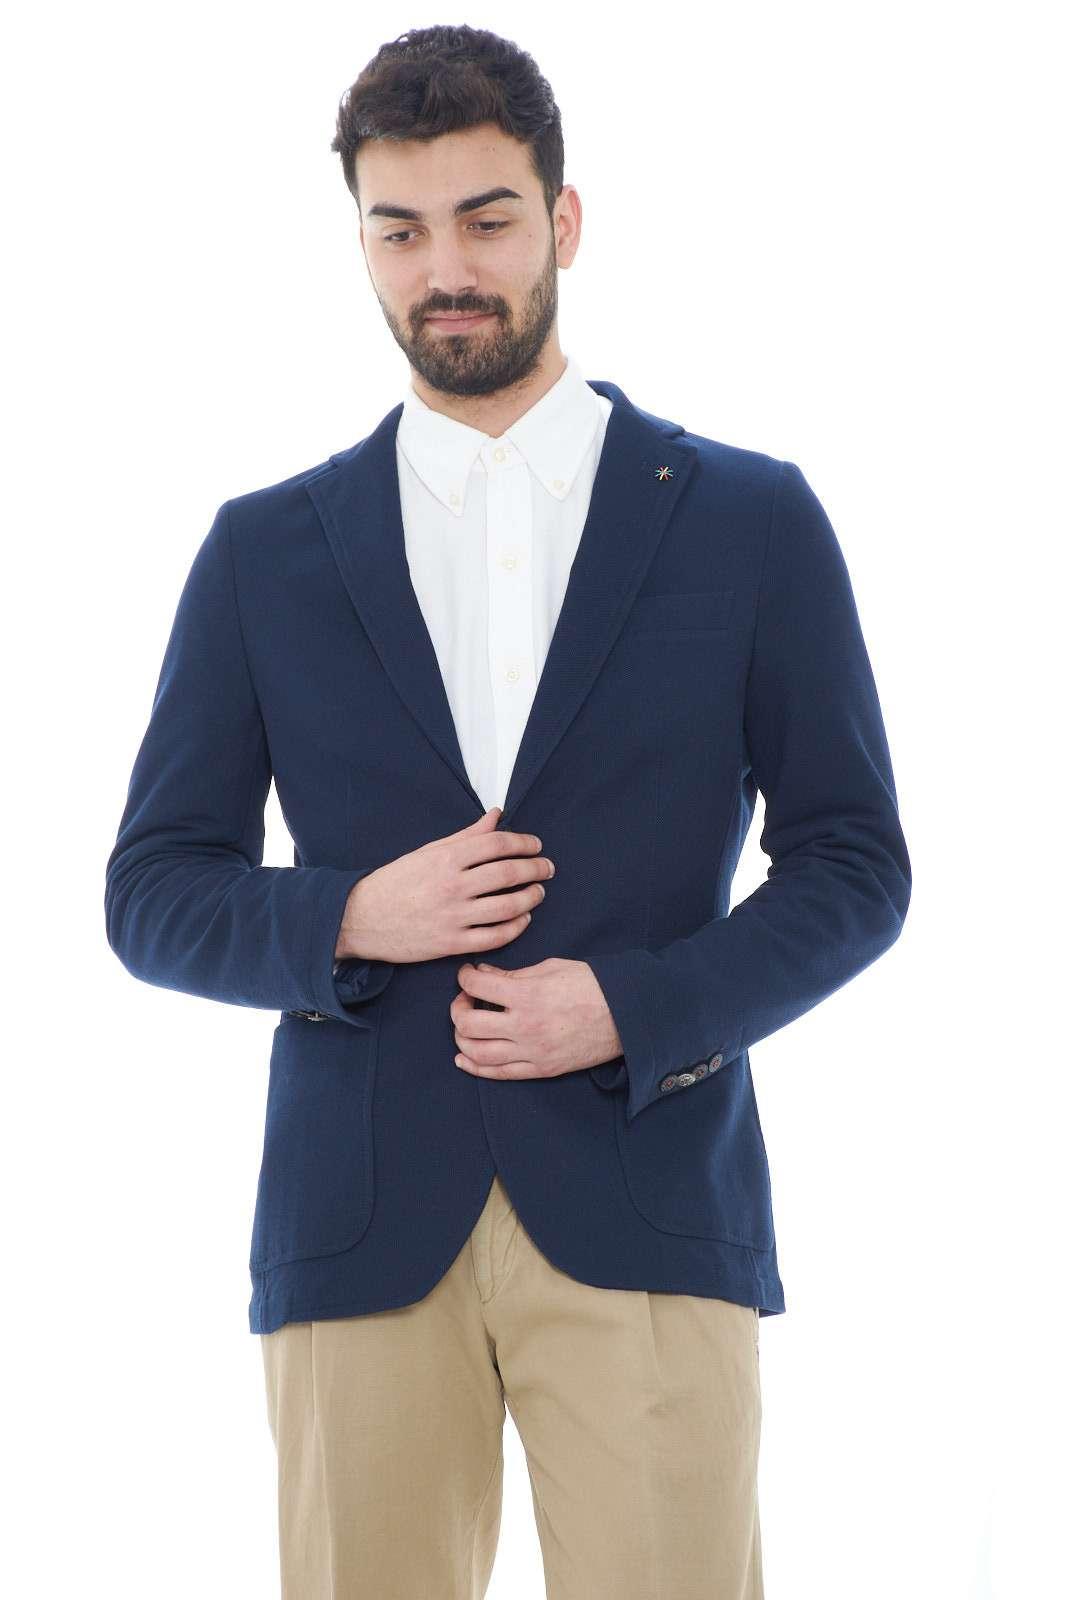 Un evergreen la giacca uomo in tessuto pique quella firmata dalla collezione uomo Manuel Ritz. La linea slim e il colore tinta unita è resa unica dal collo rever e dal doppio spacco sul retro. Da indossare con un pantalone taglio chino o con un jeans si adatta con stile ad ogni look.